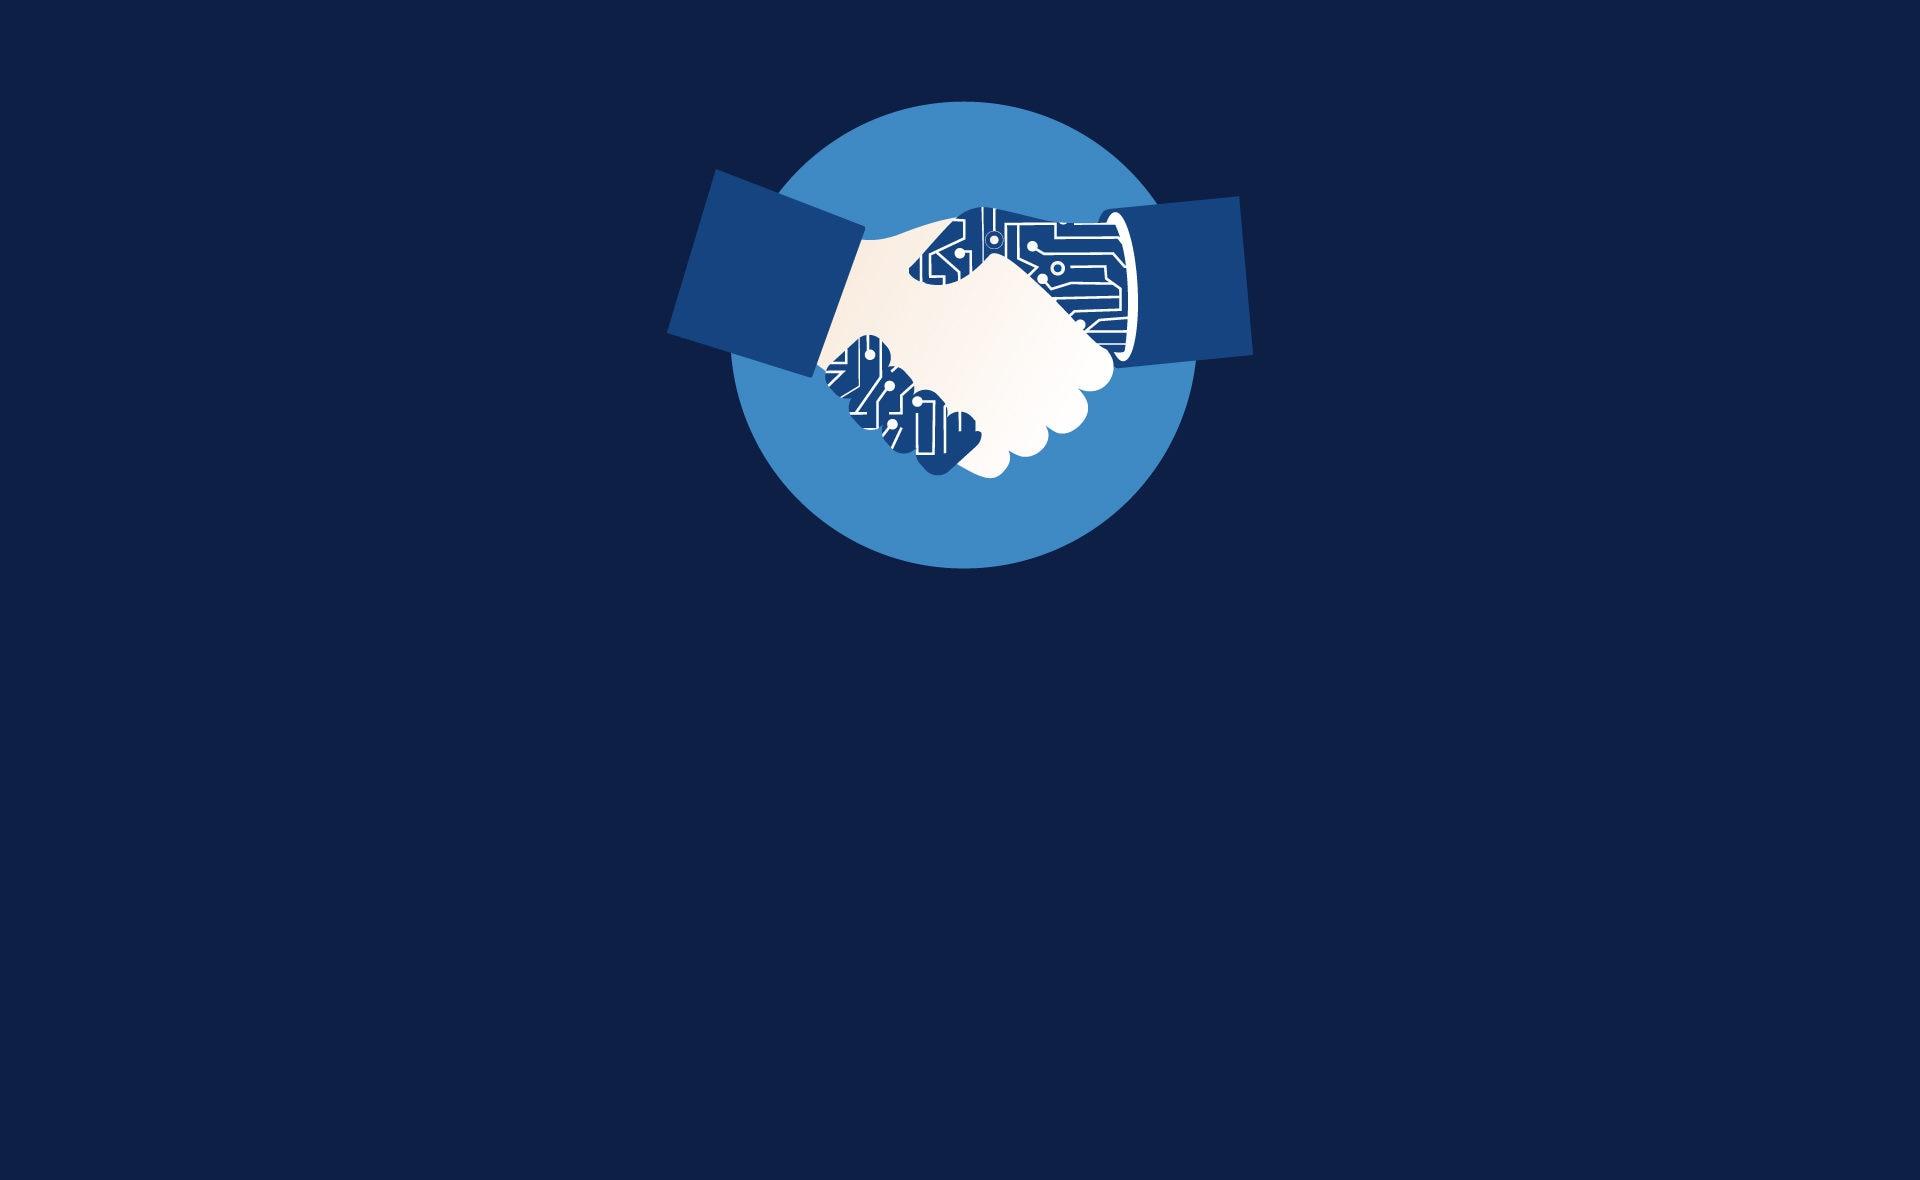 Fotografía de Préstamos, manos, tecnología, blockchain, estrechar manos, pacto, acuerdo, deuda